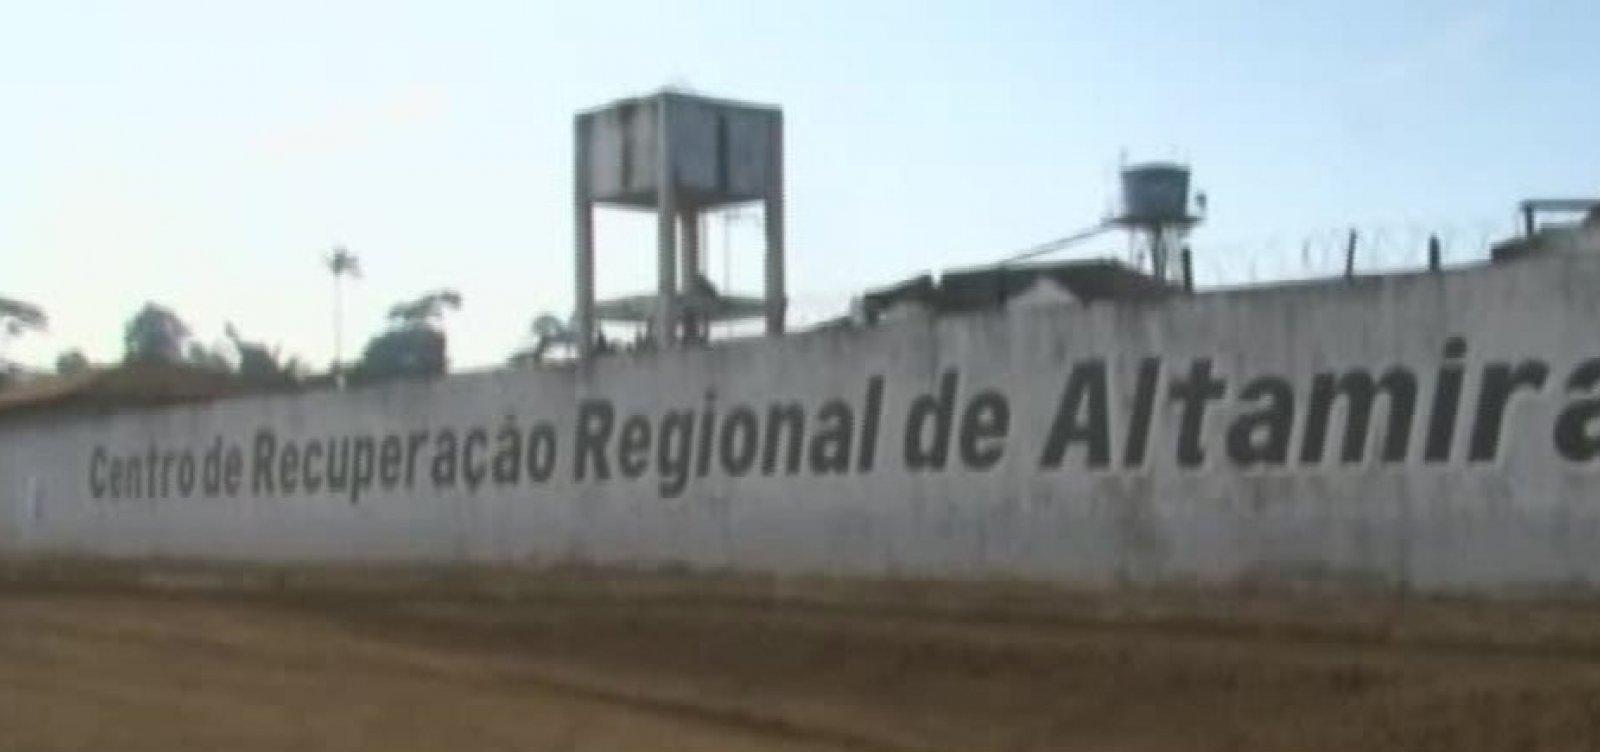 Motim em presídio de Altamira deixa 7 presos mortos